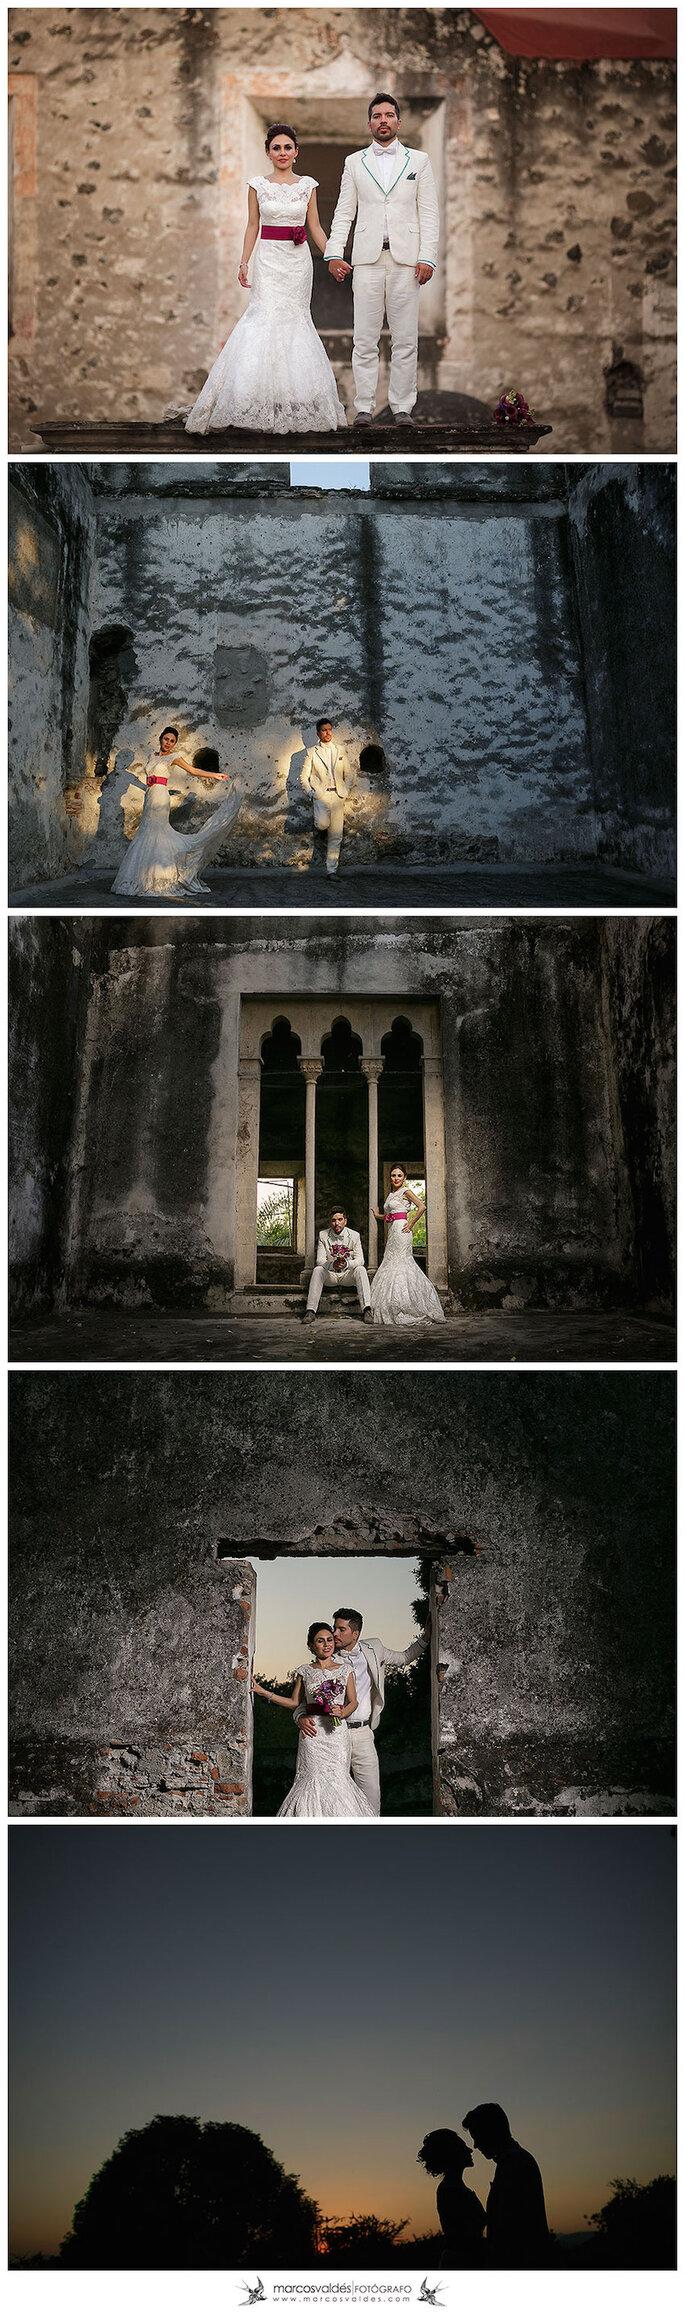 Real Wedding: Boda de María y Pablo en Hacienda Chiconcuac, Morelos - Marcos Valdés